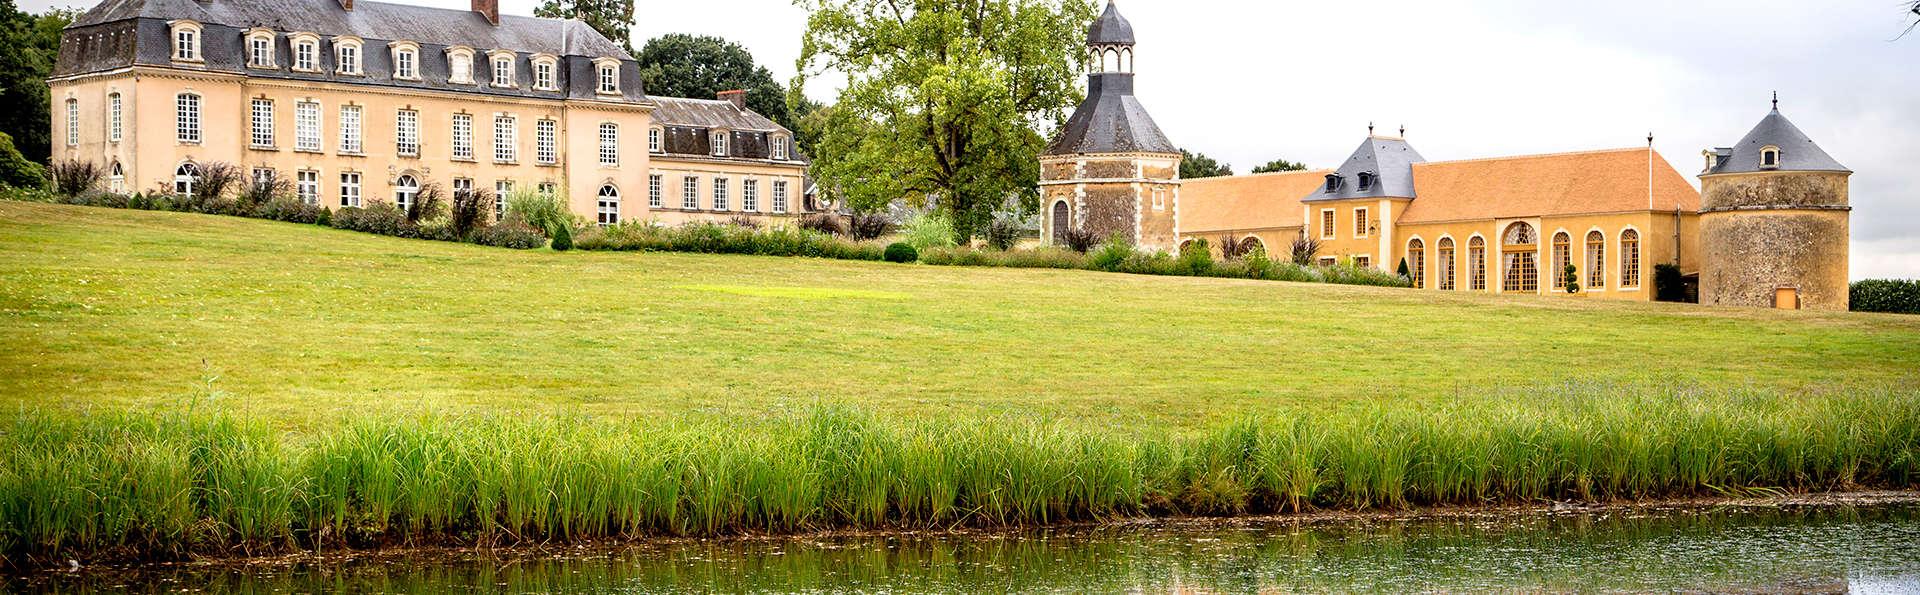 Domaine de La Groirie - Hôtel & Séminaires  - Edit_View.jpg